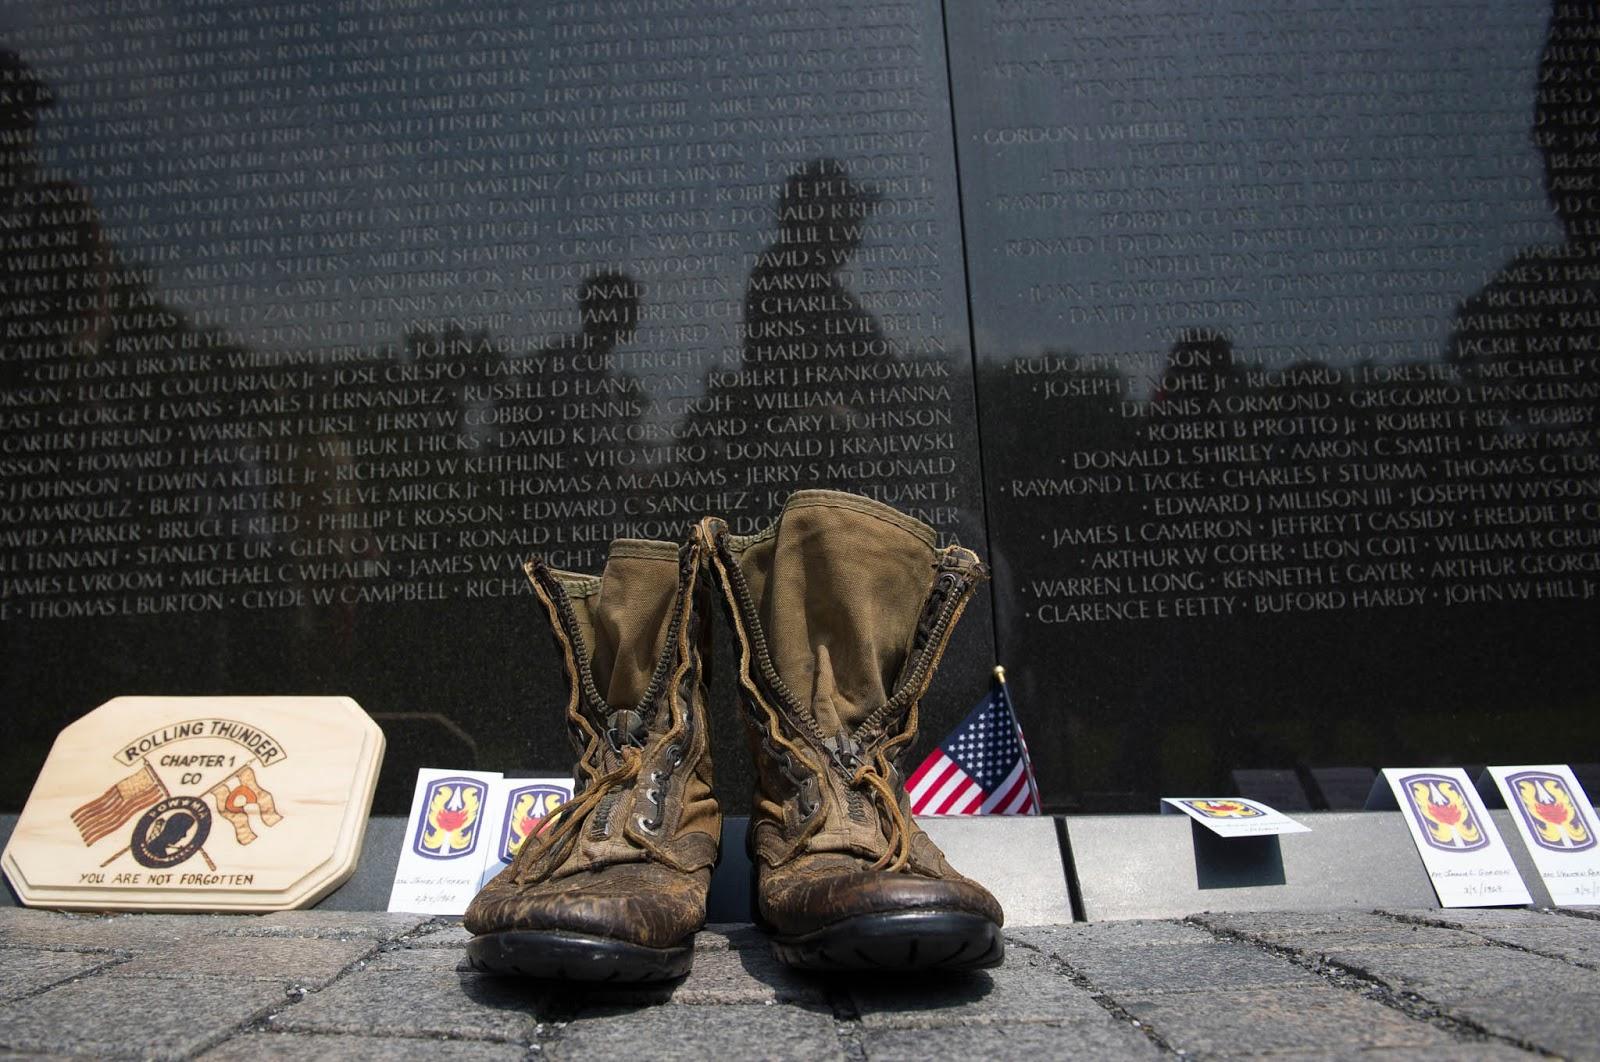 (© Cliff Owen/AP Images)